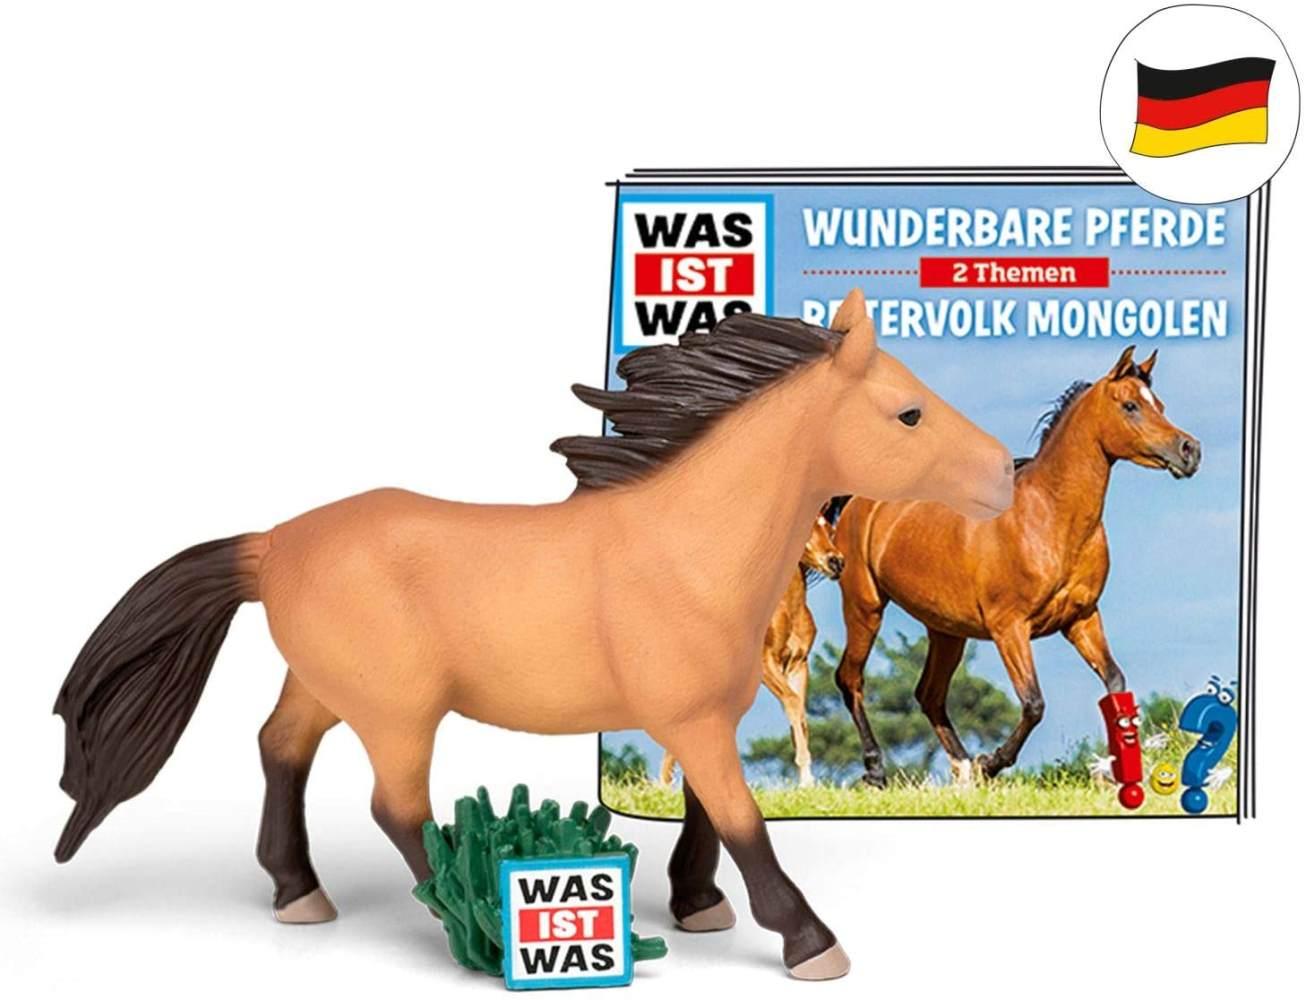 tonies Hörfiguren für Toniebox - was IST was - Wunderbare Pferde / Reitervolk Mongolen - ca. 79 Min. - Ab 6 Jahre -DEUTSCH Bild 1